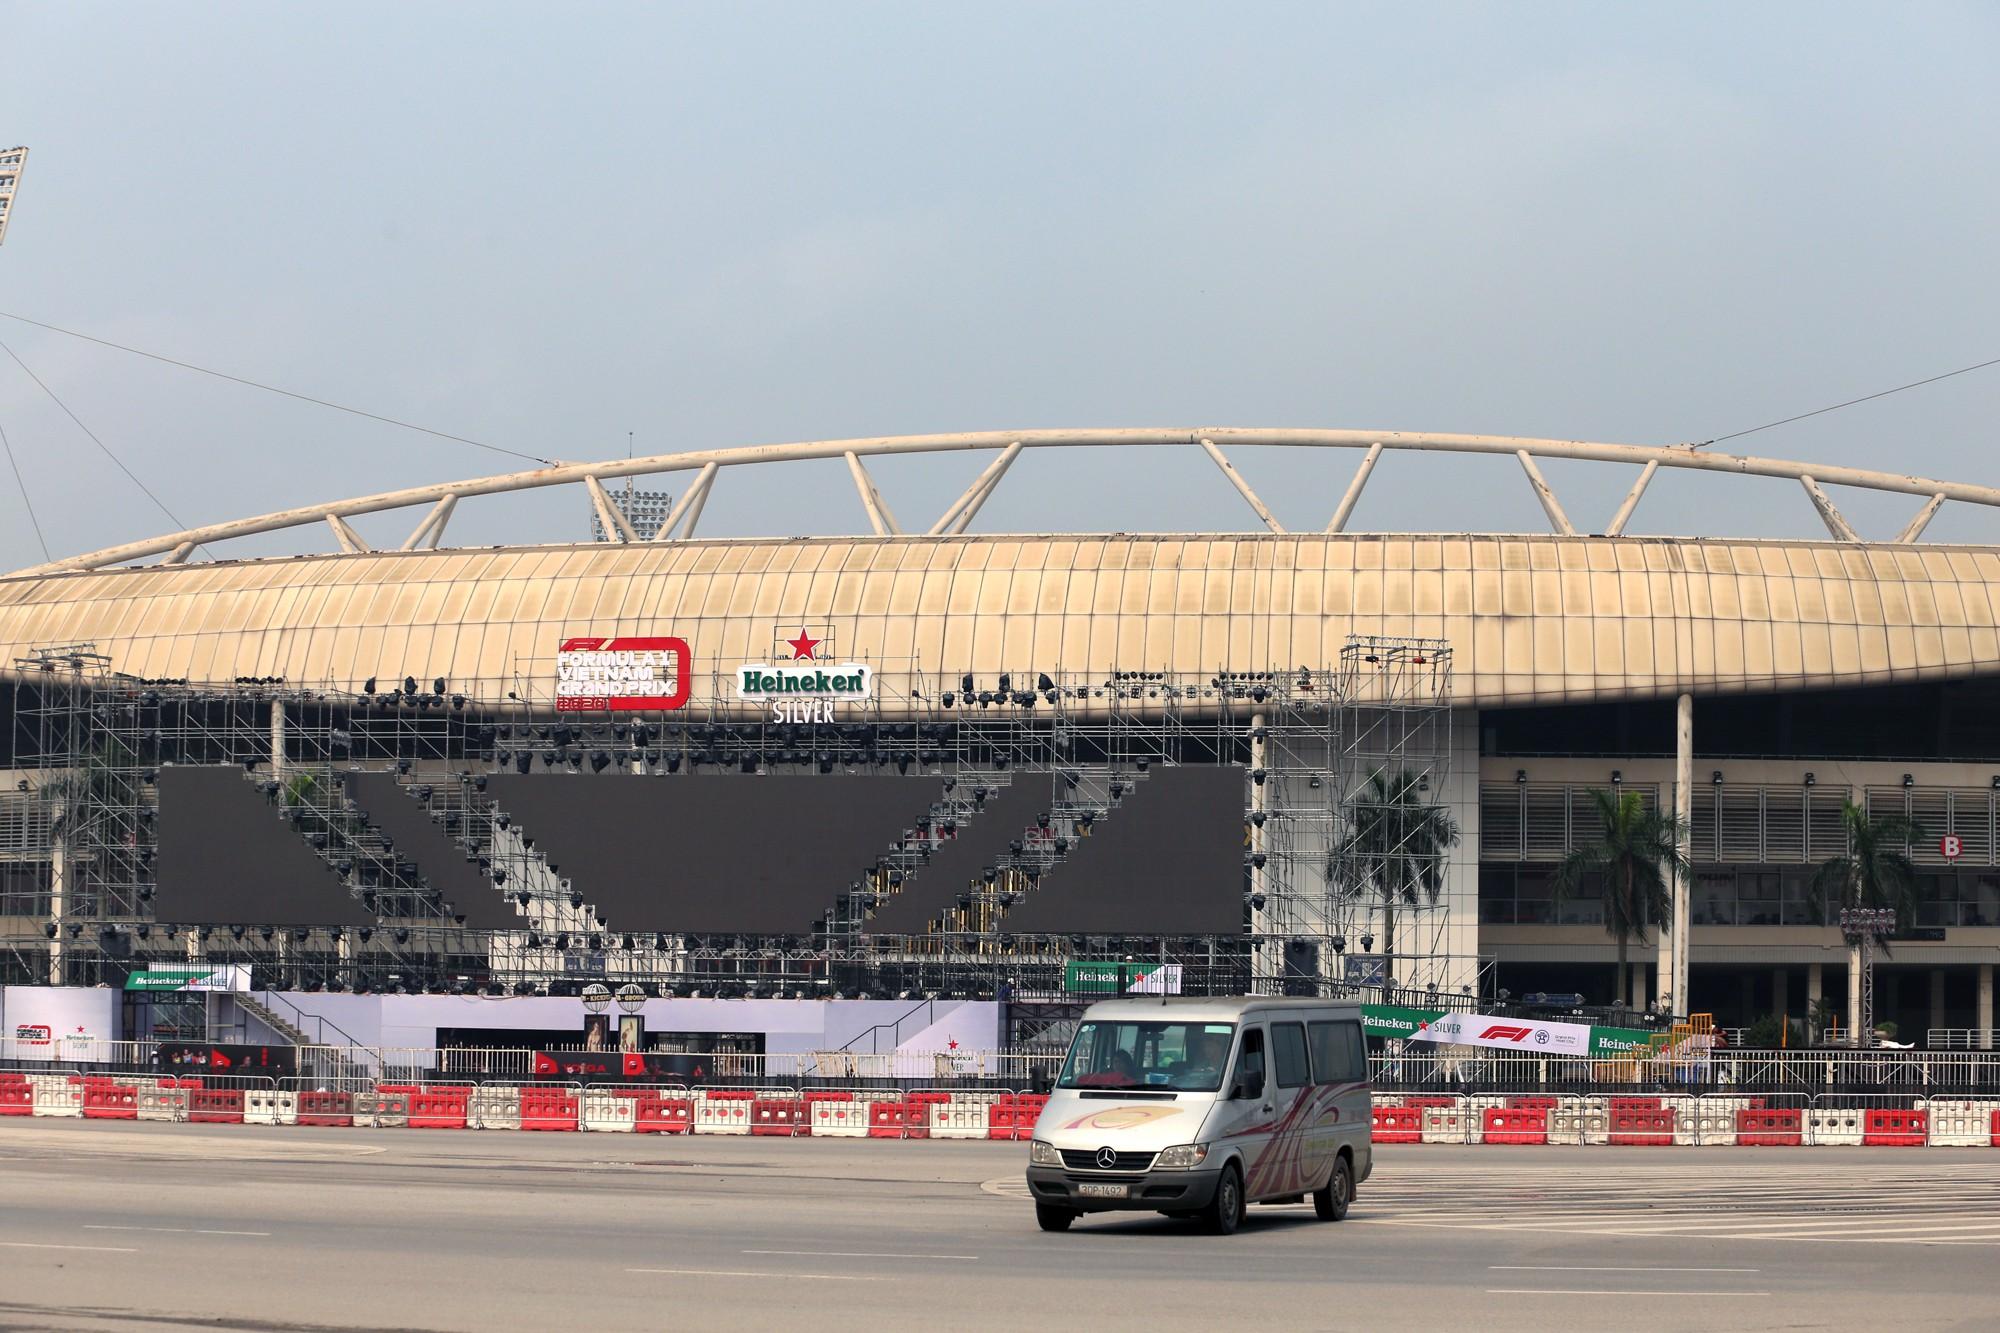 Cận cảnh nơi xe đua F1 sắp trình diễn ở sân vận động Mỹ Đình - Ảnh 13.